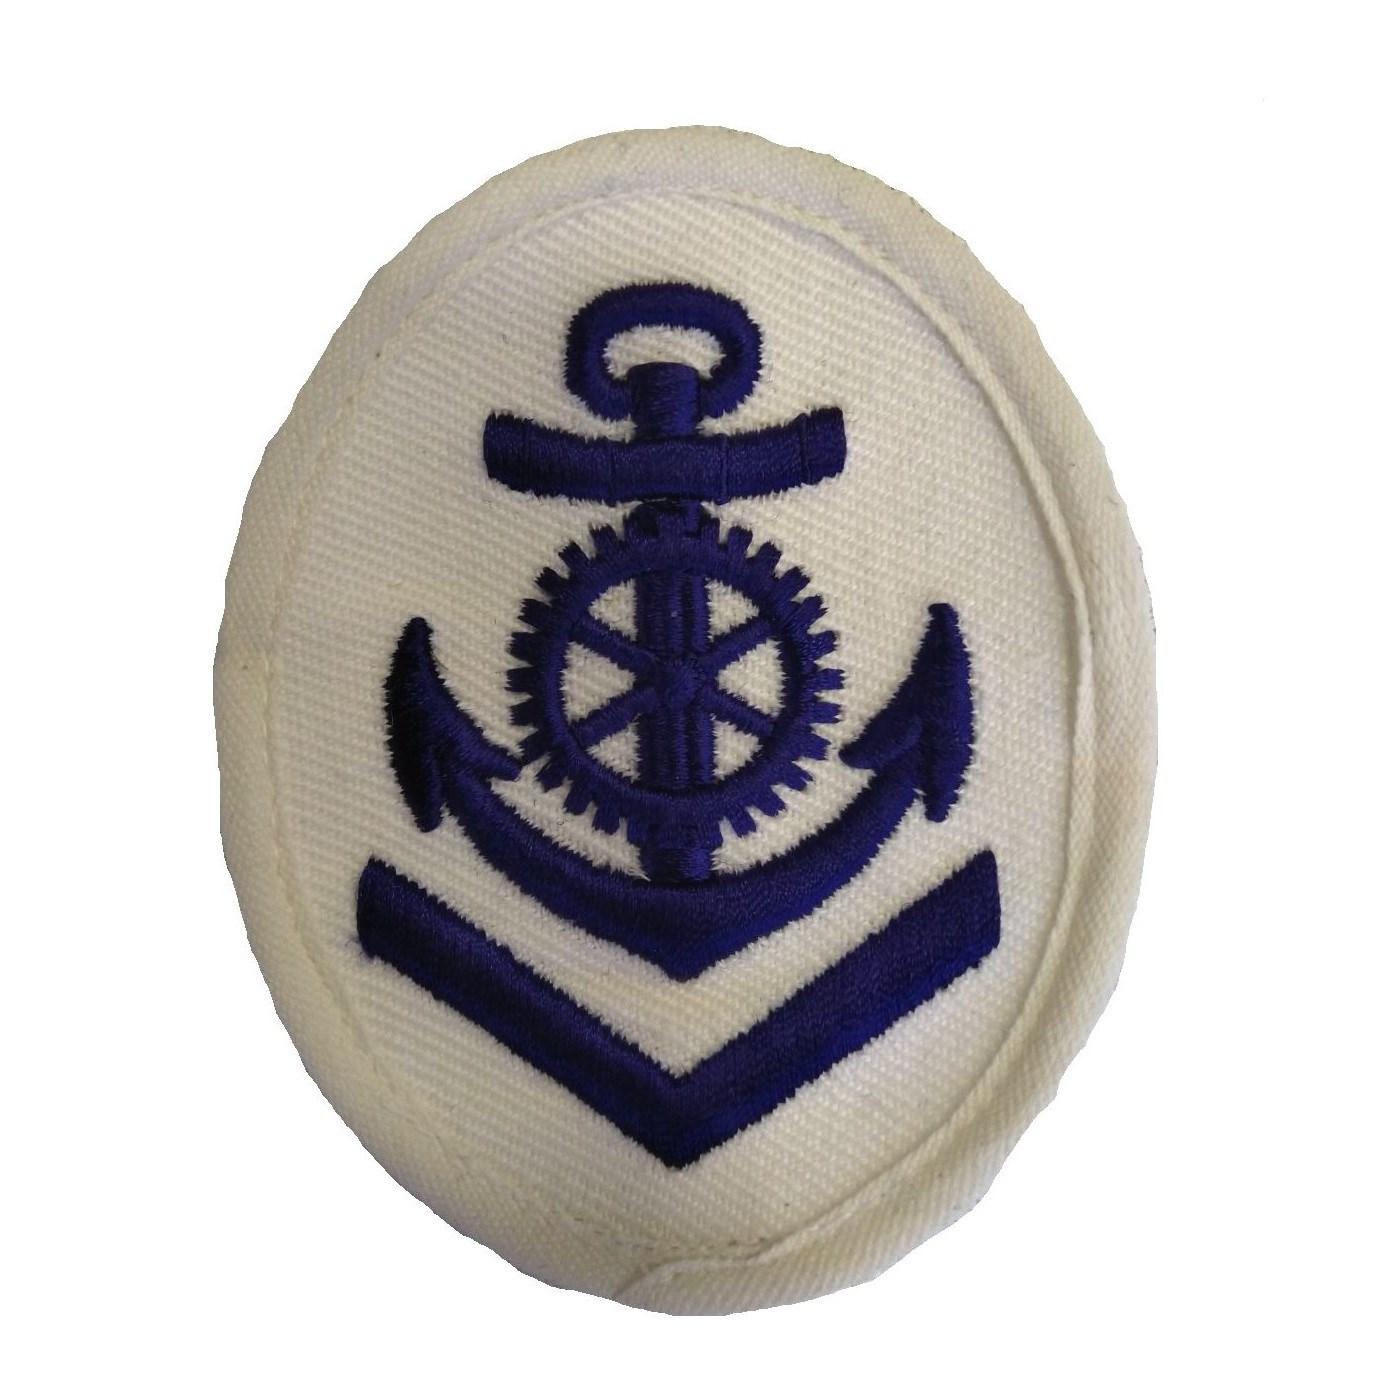 Nášivka námořních jednotek NVA ovál s kotvou a kormidlem + V BÍLÁ